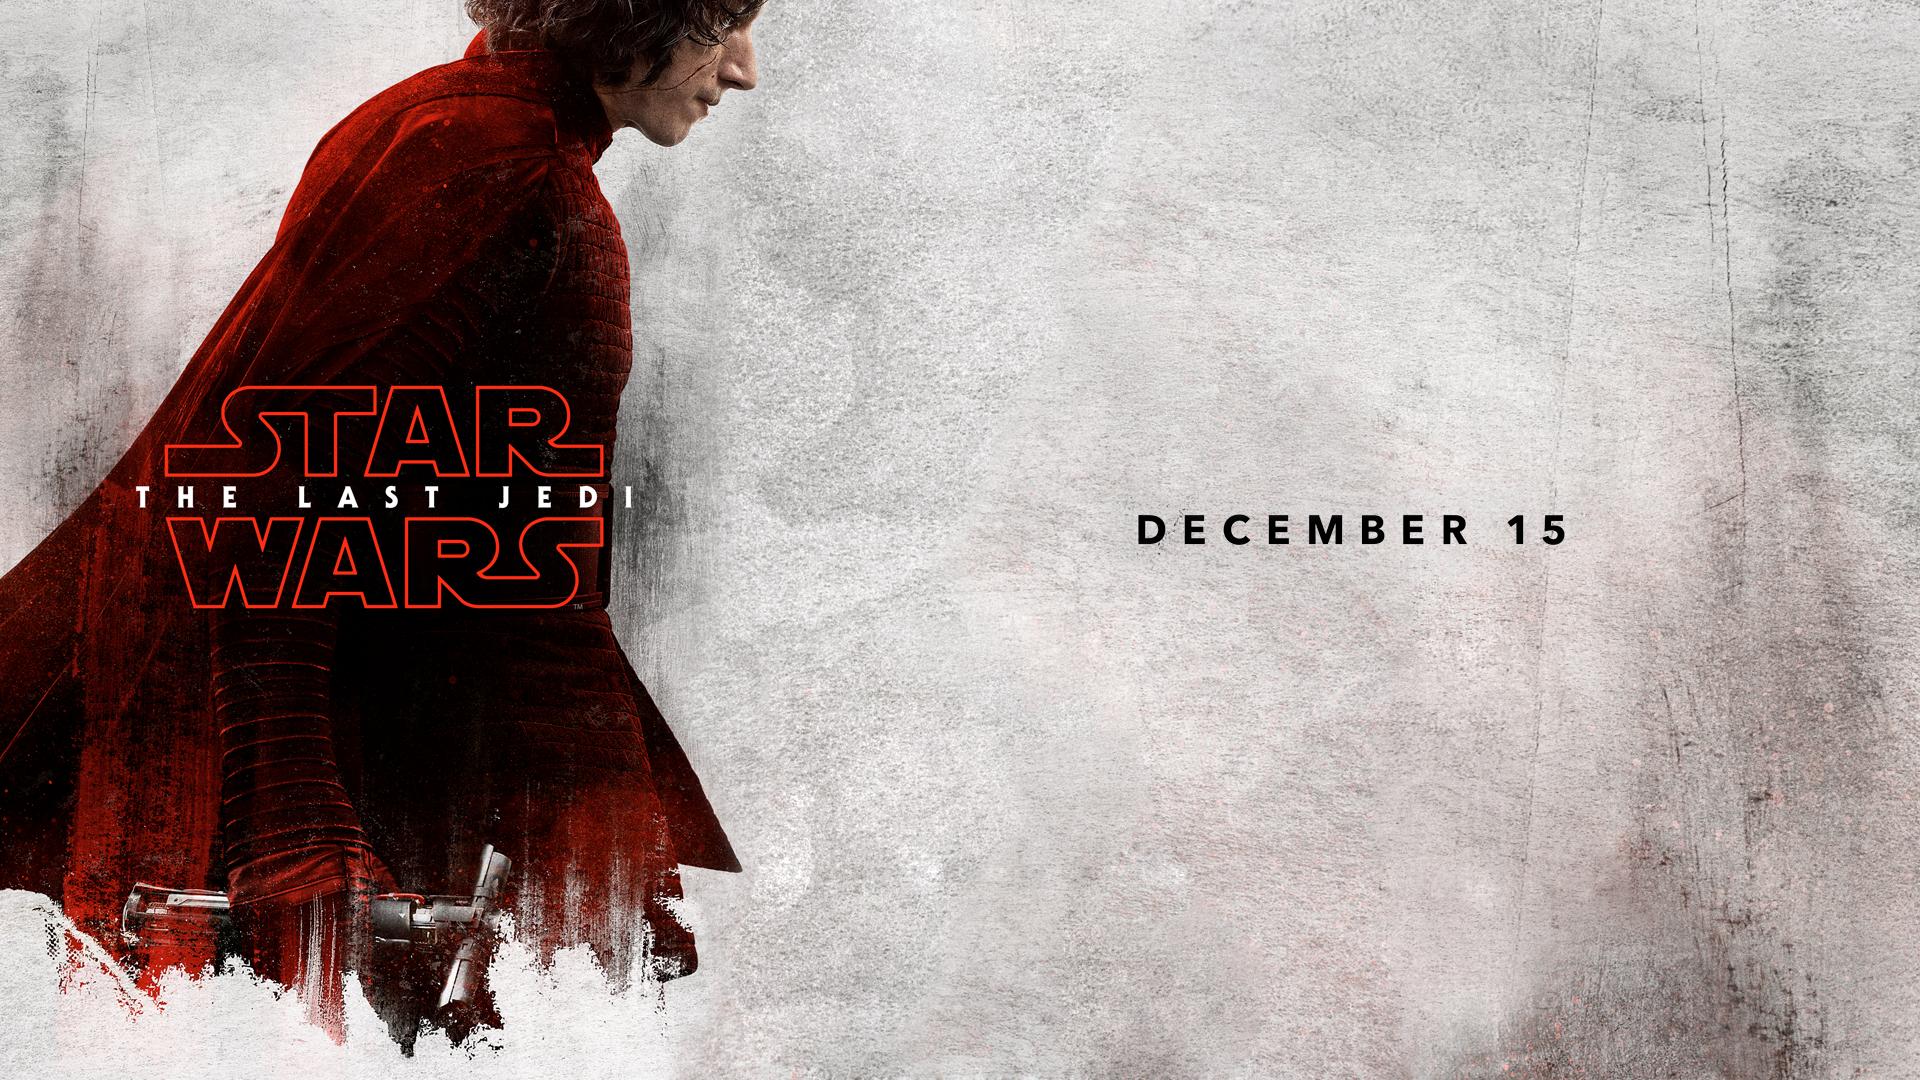 Star Wars The Last Jedi Movies Kylo Ren The First Order Wallpaper Resolution 1920x1080 Id 376676 Wallha Com